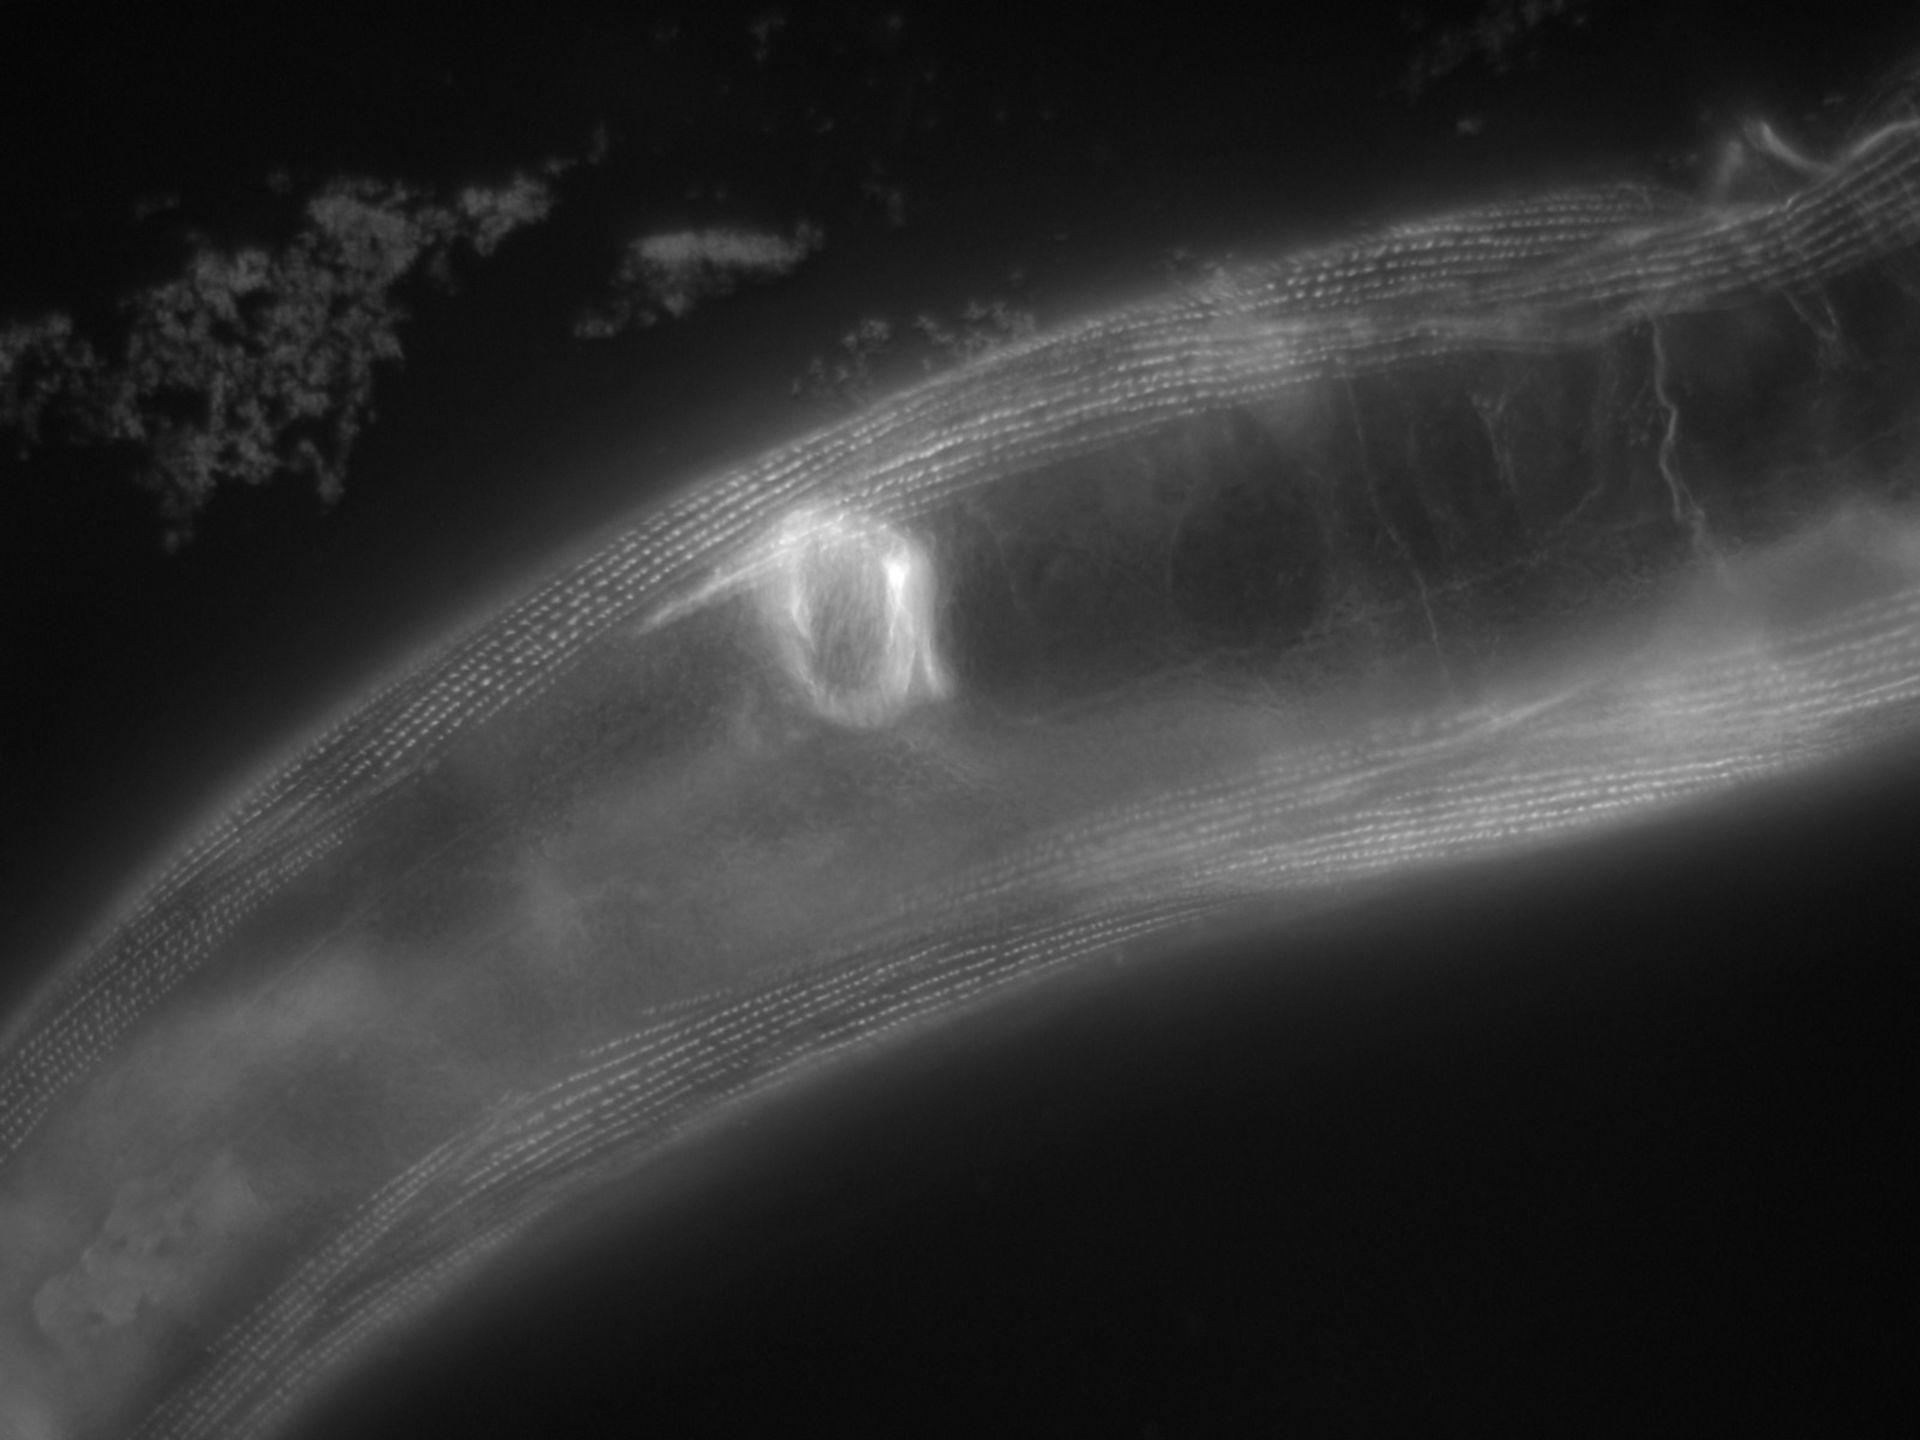 Caenorhabditis elegans (Actin filament) - CIL:1160